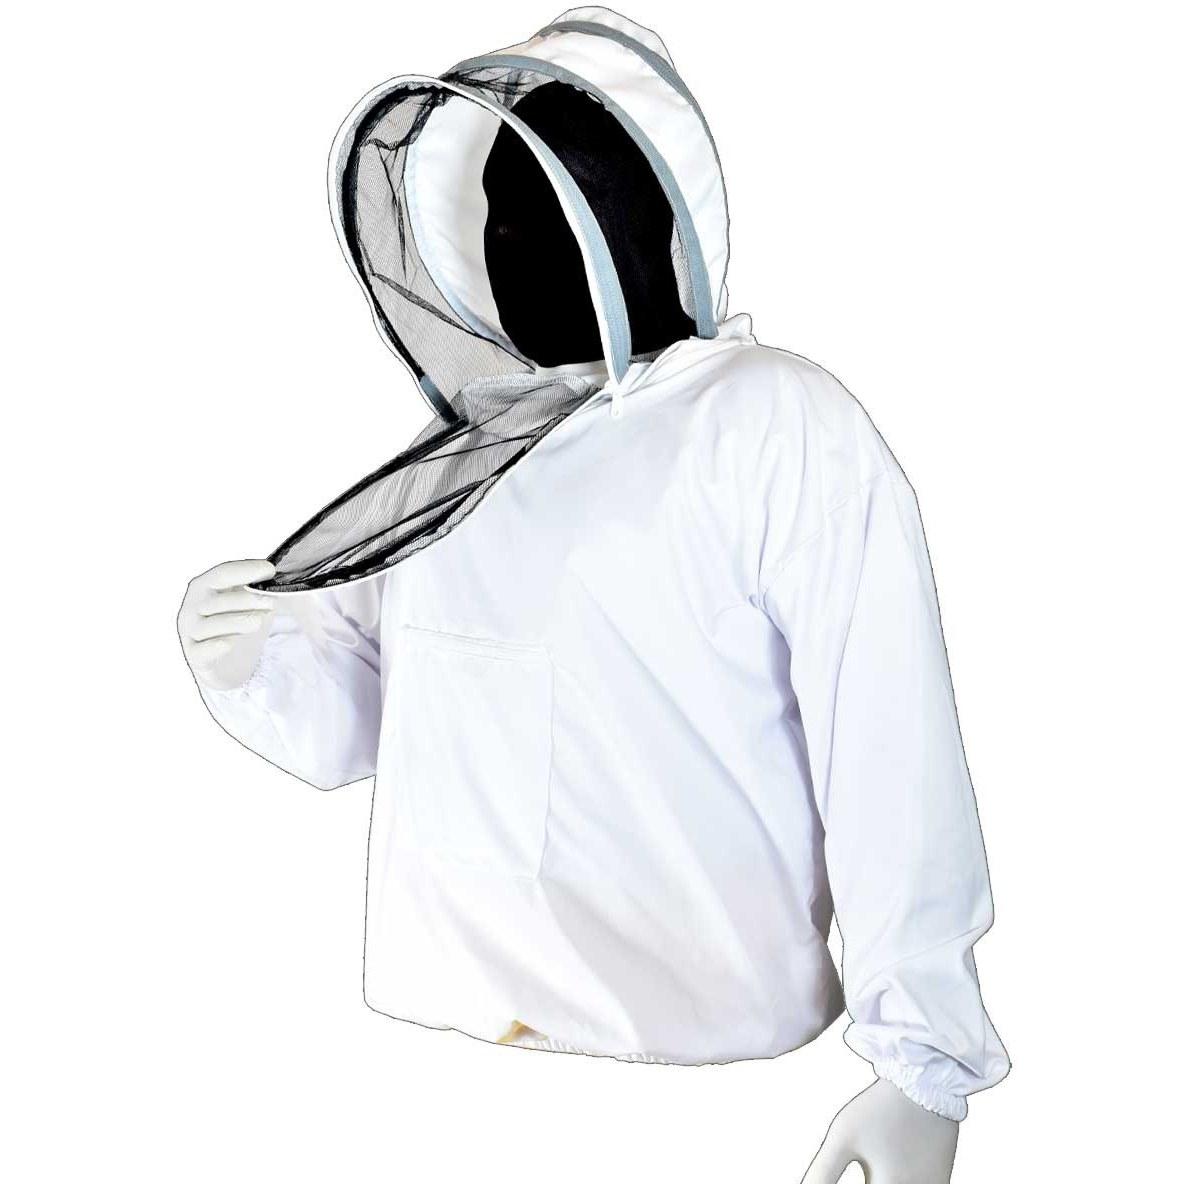 تصویر نیم تنه زنبورداری با کلاه فضایی صورت جدا